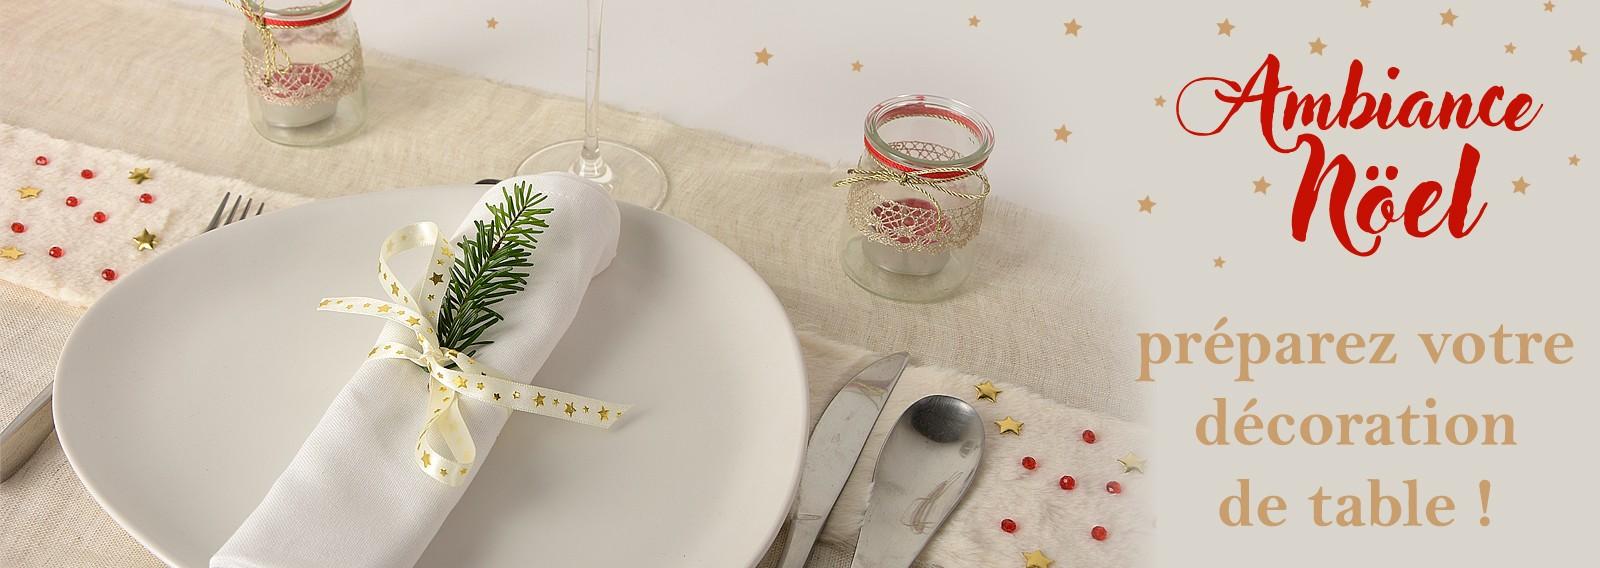 Ambiance Noël : Préparez votre décoration de table !